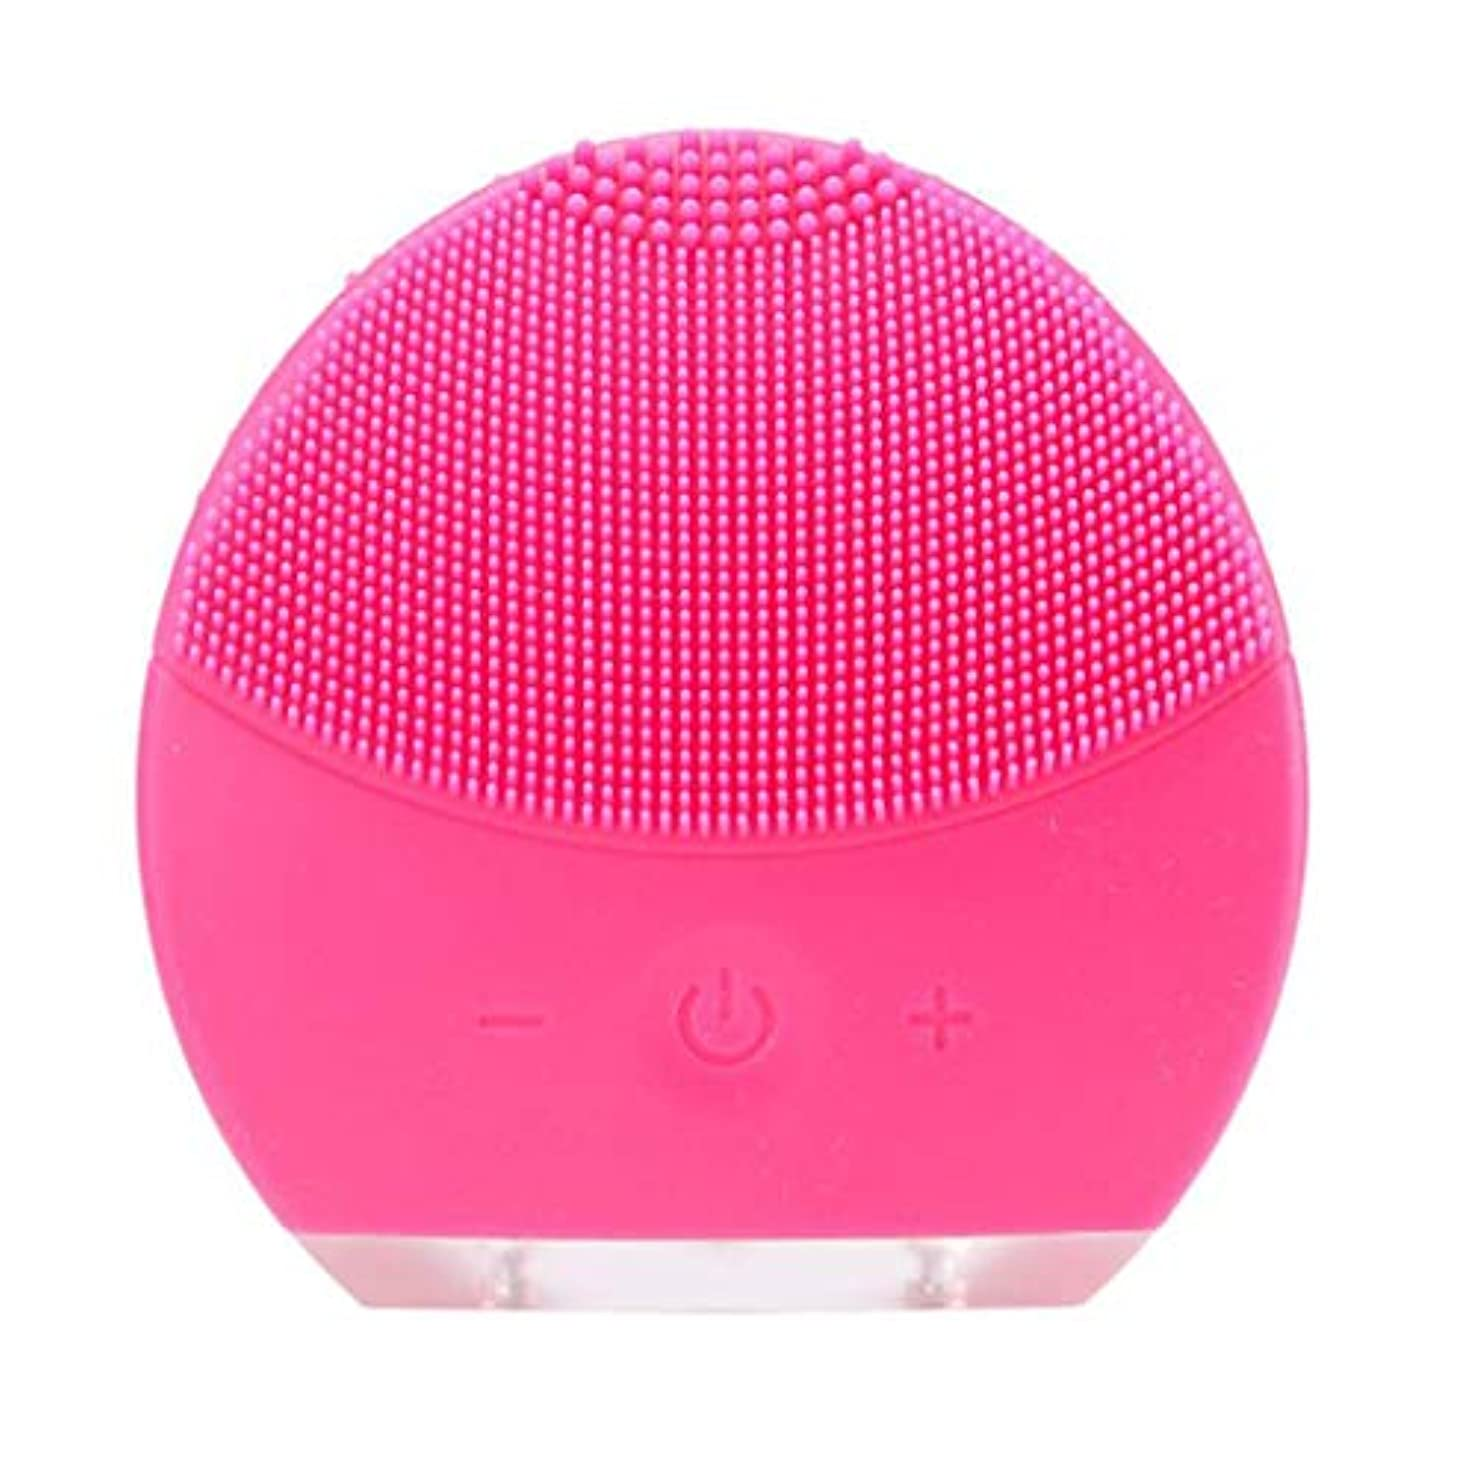 拒否勝者撤回する超音波振動美容機器洗浄器、皮膚の毛穴を最小限に抑えるマイクロダーマブレーション毛穴、USB 充電と防水,Rosered